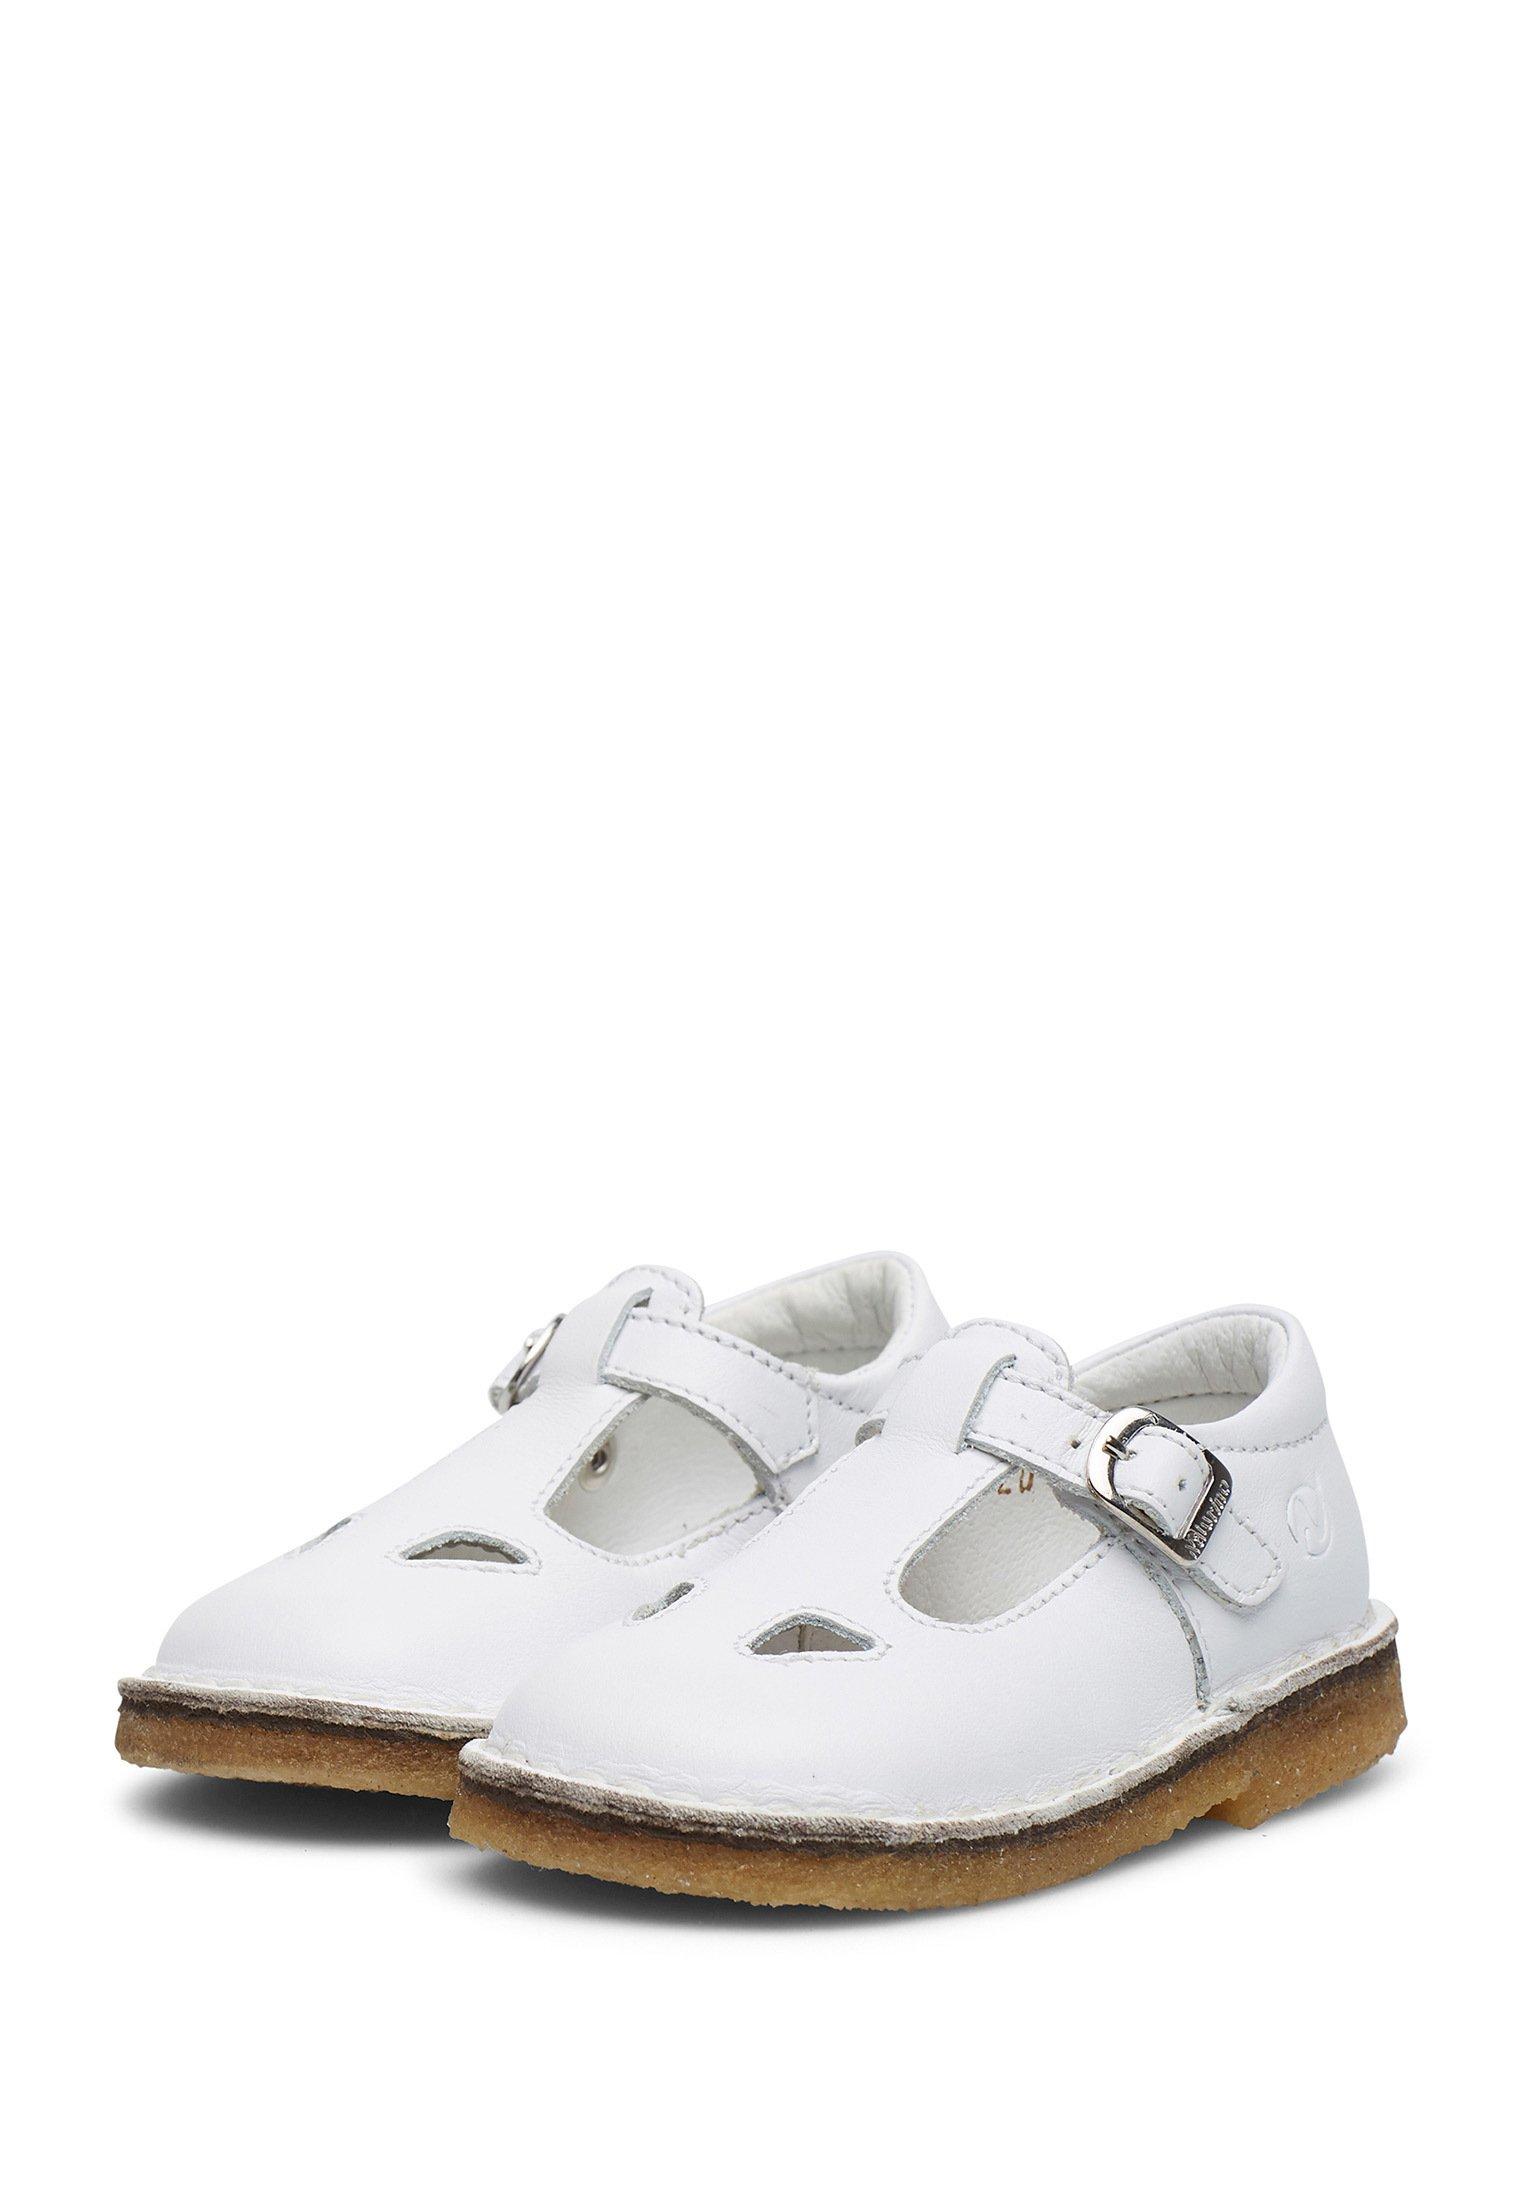 Commercialisable Meilleurs prix Naturino Babies white kQji5